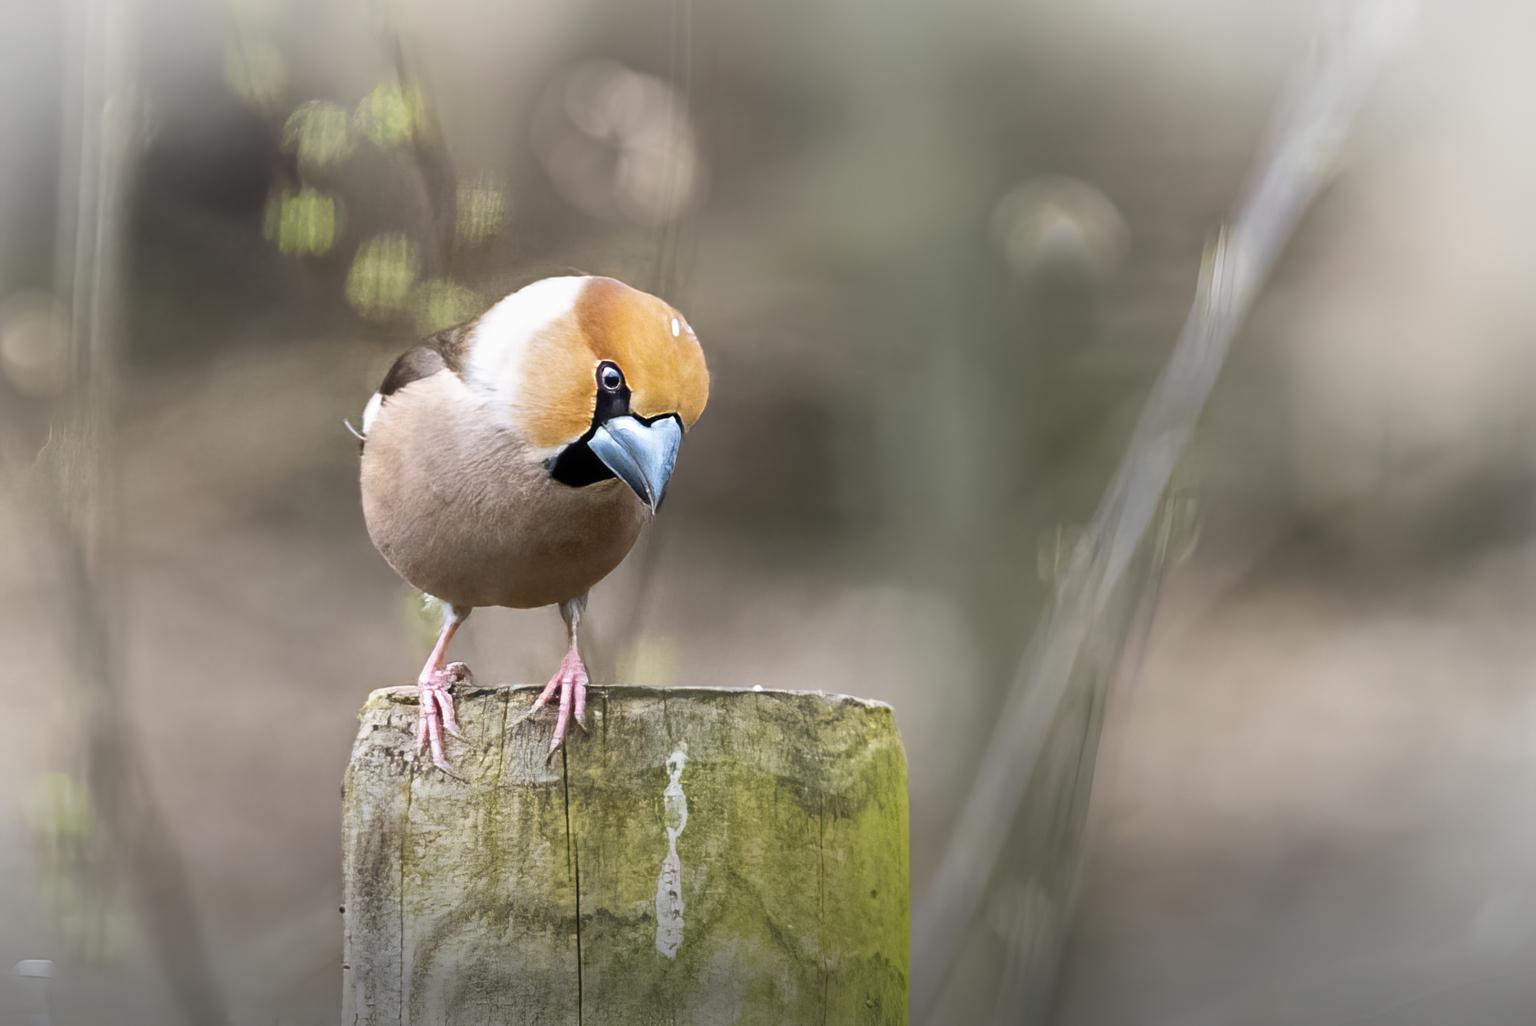 Appelvink - Plots in mijn tuin een setje Appelvinkjes. Gelukkig kon ik er eentje vastleggen. Mooi geposeerd. Nog nooit eentje eerder gezien trouwens. - foto door a.j.dejong2 op 12-04-2021 - locatie: 3852 Ermelo, Nederland - deze foto bevat: appelvink, speulderbos, vogel, bek, hout, takje, terrestrische plant, vleugel, veer, dieren in het wild, neerstekende vogel, zangvogel